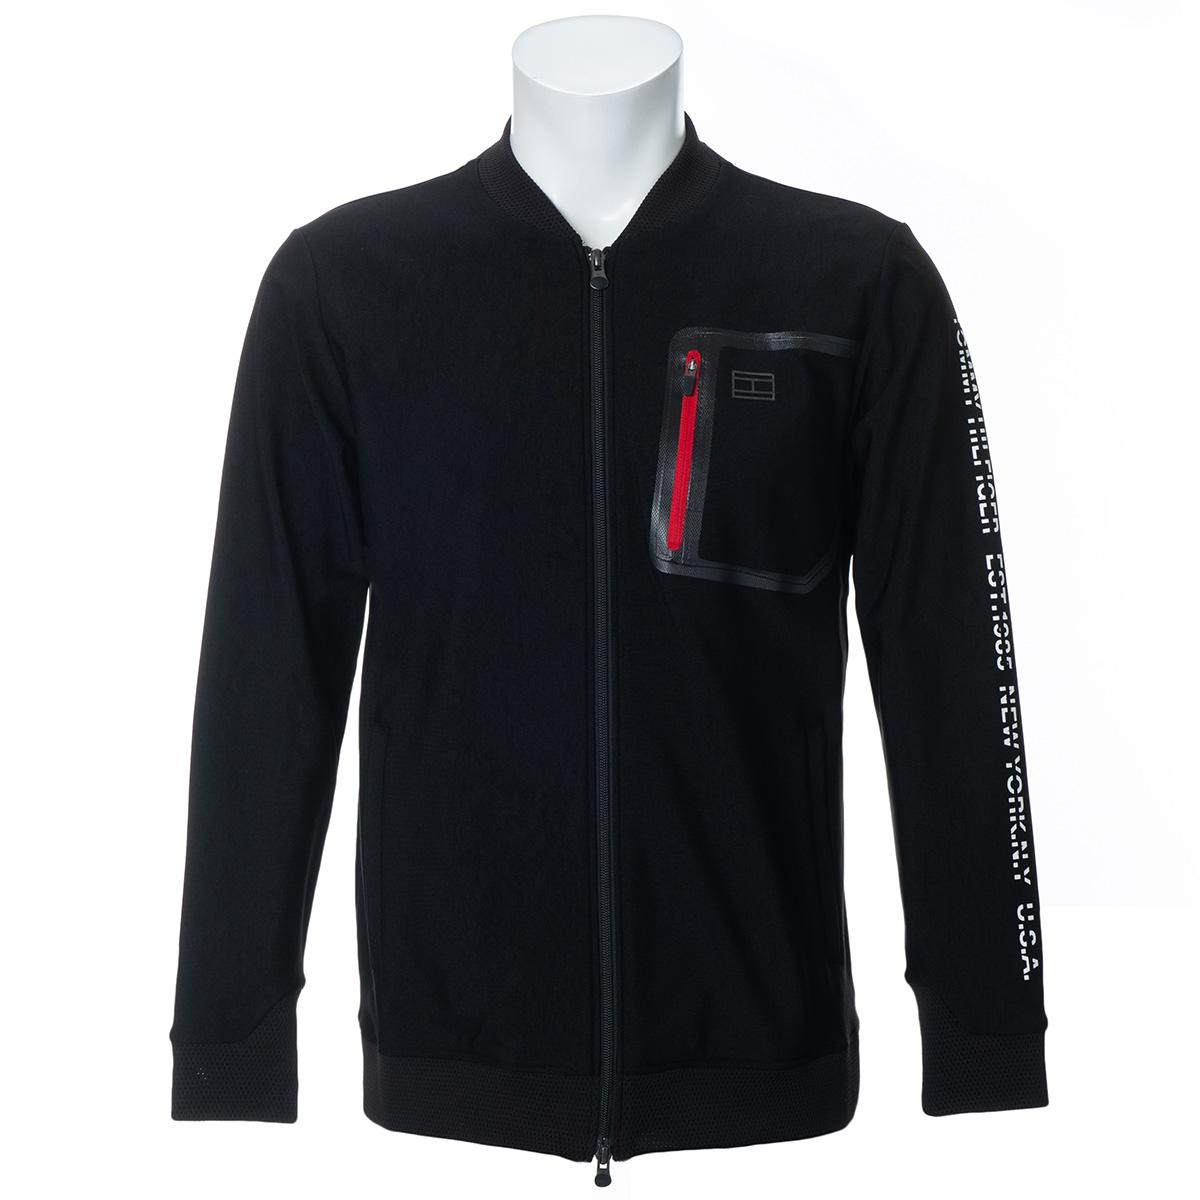 モノクローム ジップアップスウェットジャケット